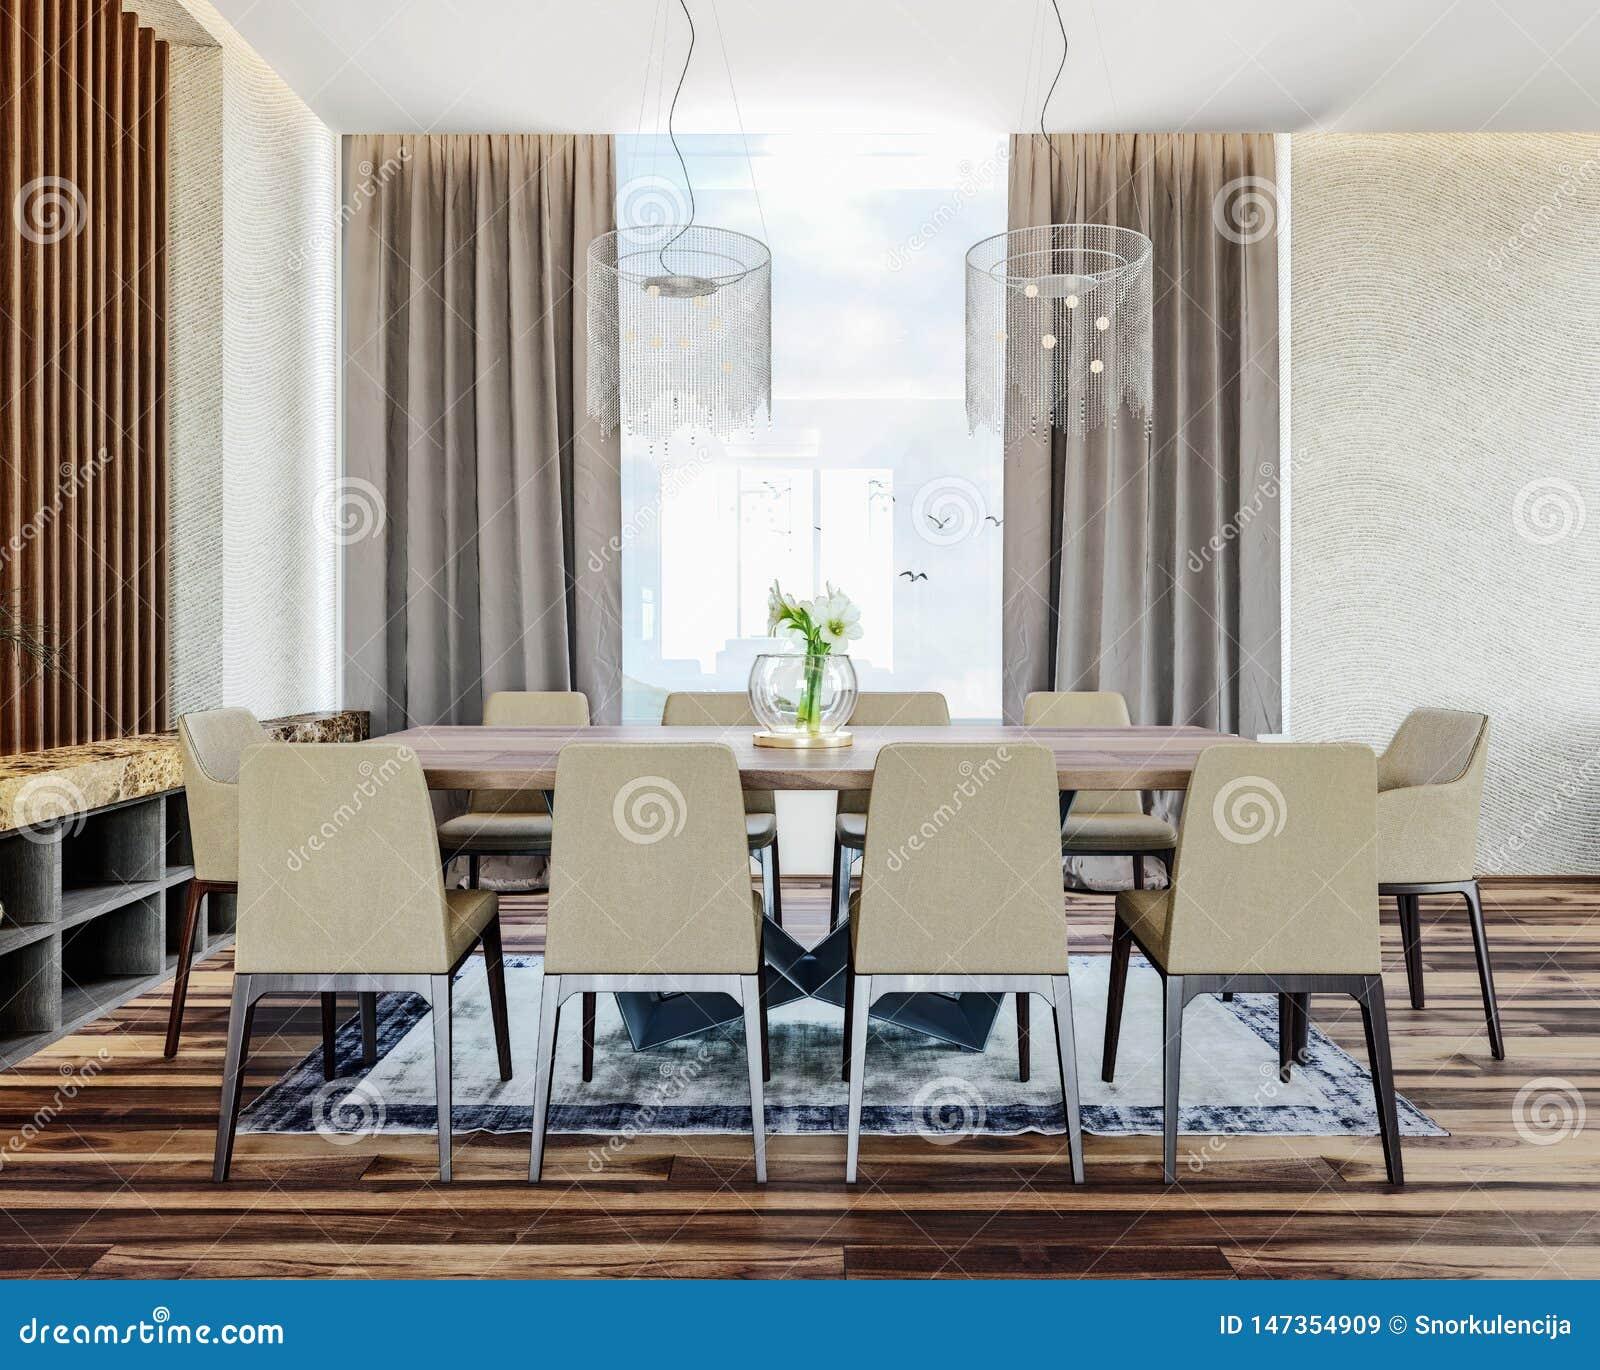 Design de interiores italiano moderno da sala de jantar contempor?nea com vista bonita no campo, montanha no fundo